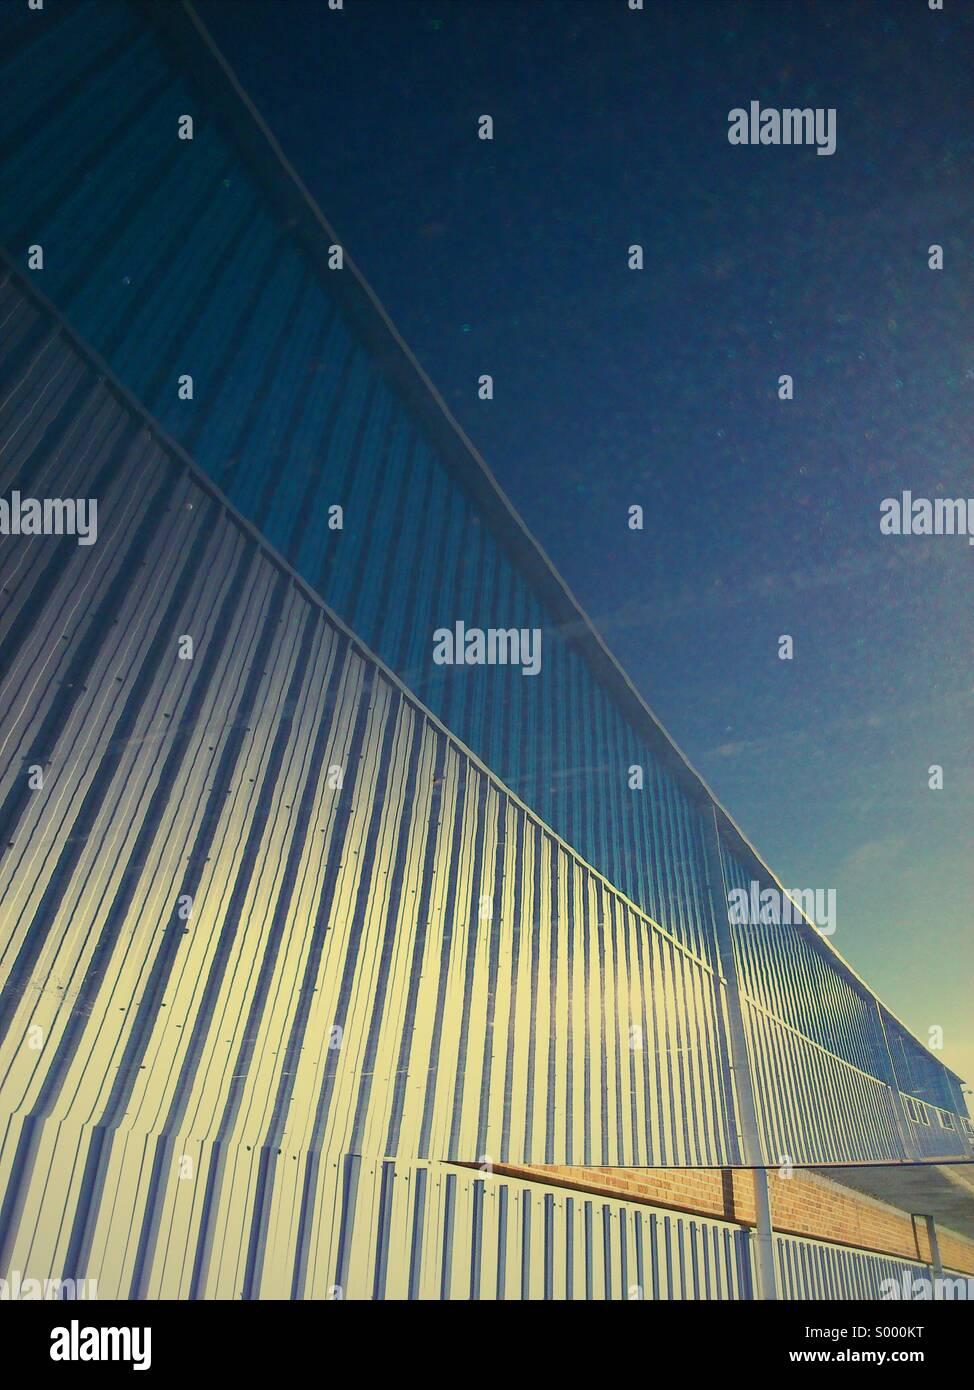 La riflessione astratta di costruire sul tetto del veicolo Immagini Stock